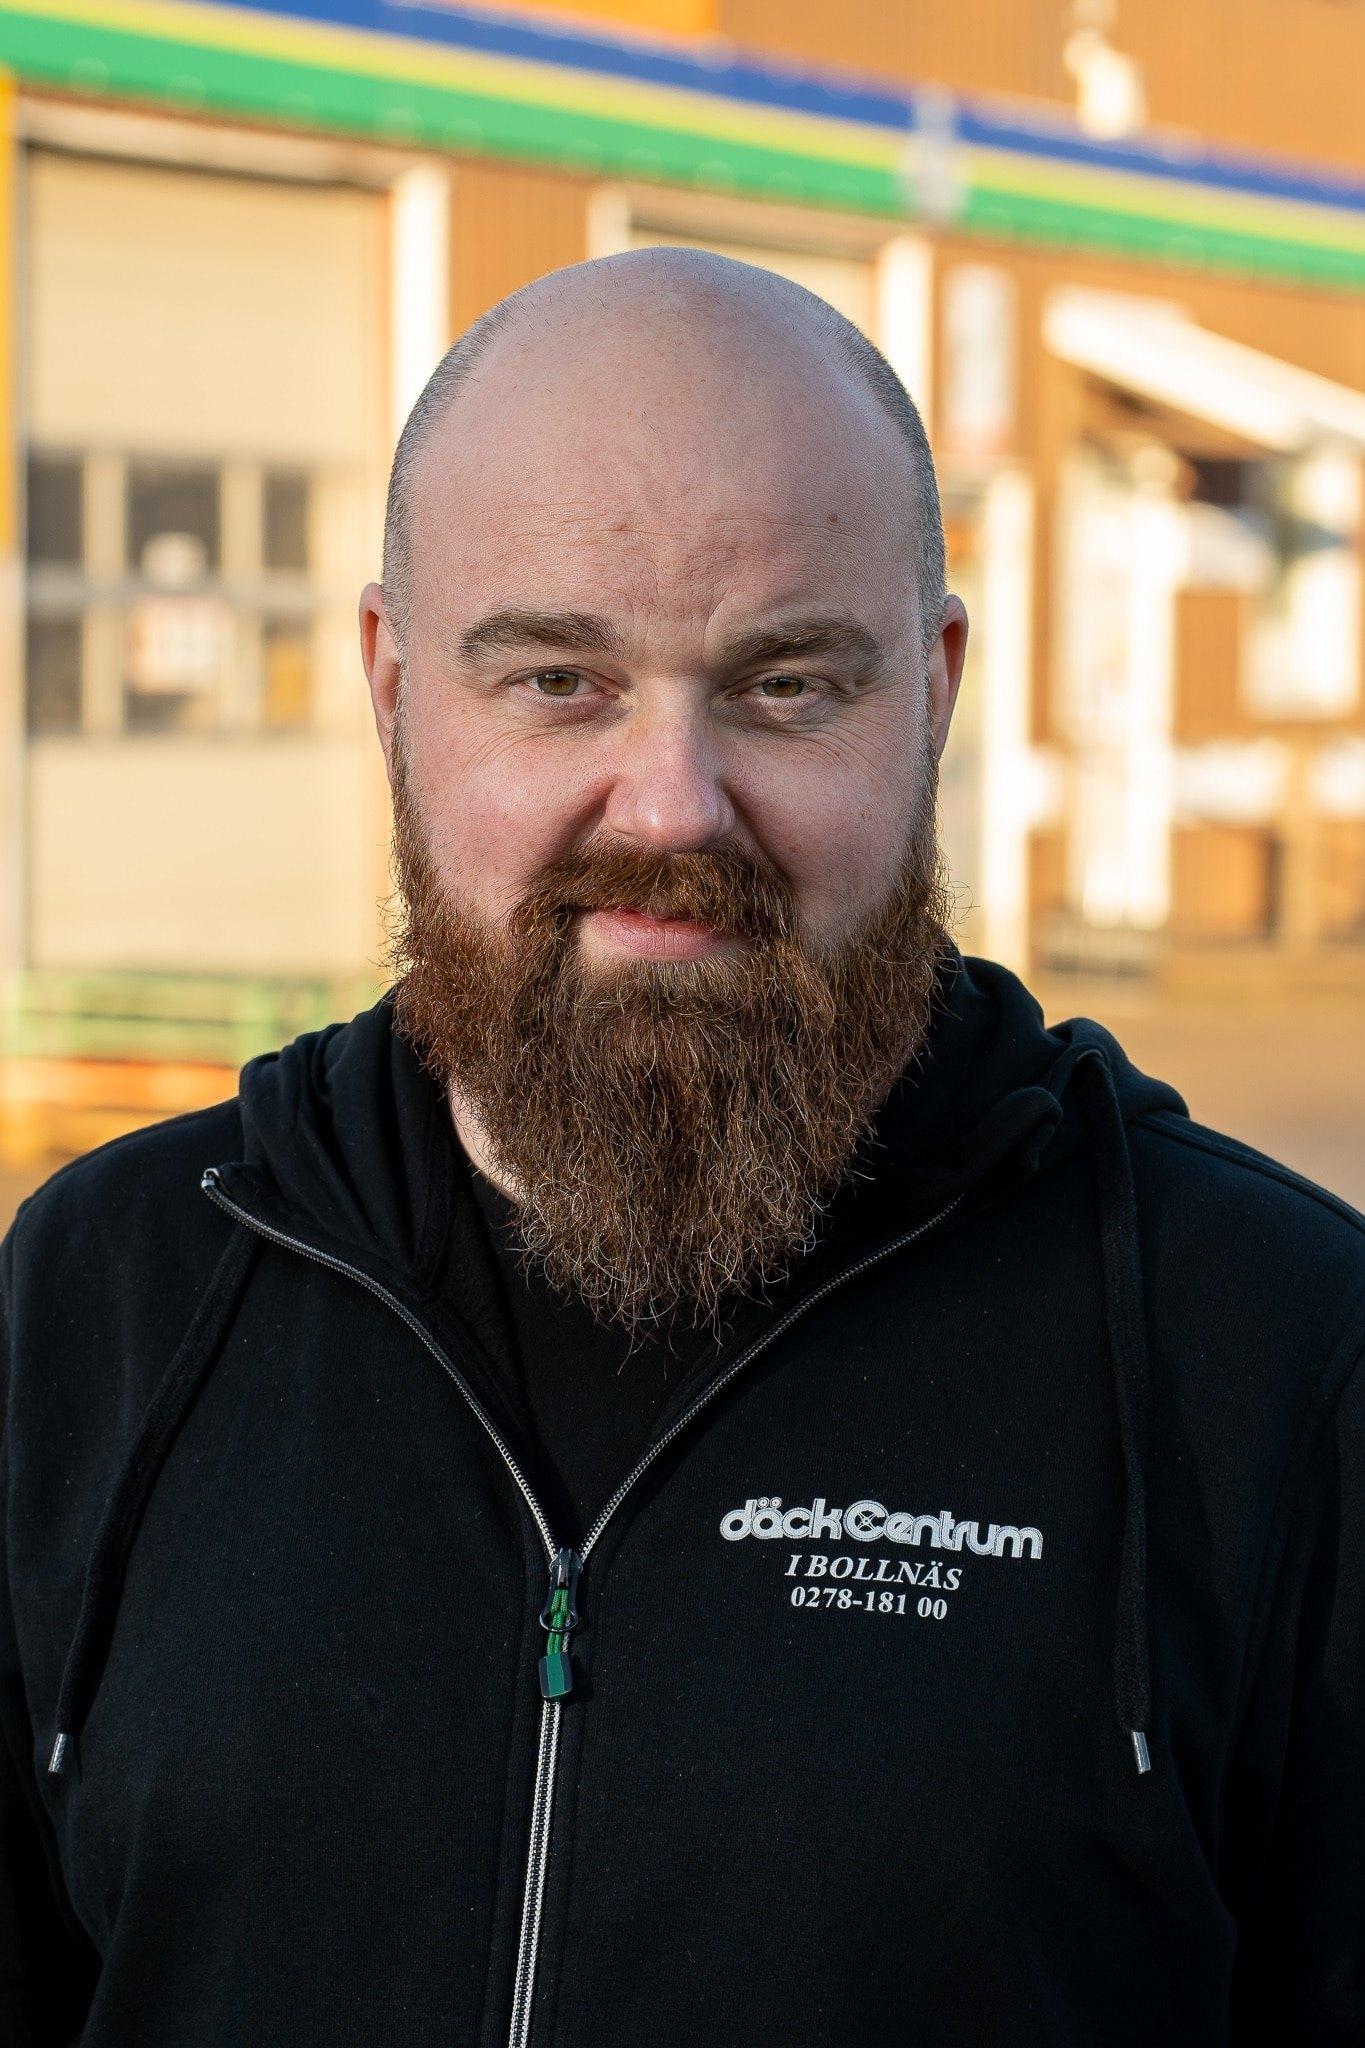 Thomas Johansson Däckab Däckcentrum Bollnäs. Foto: Morgan Grip / Mediamakarna Grip